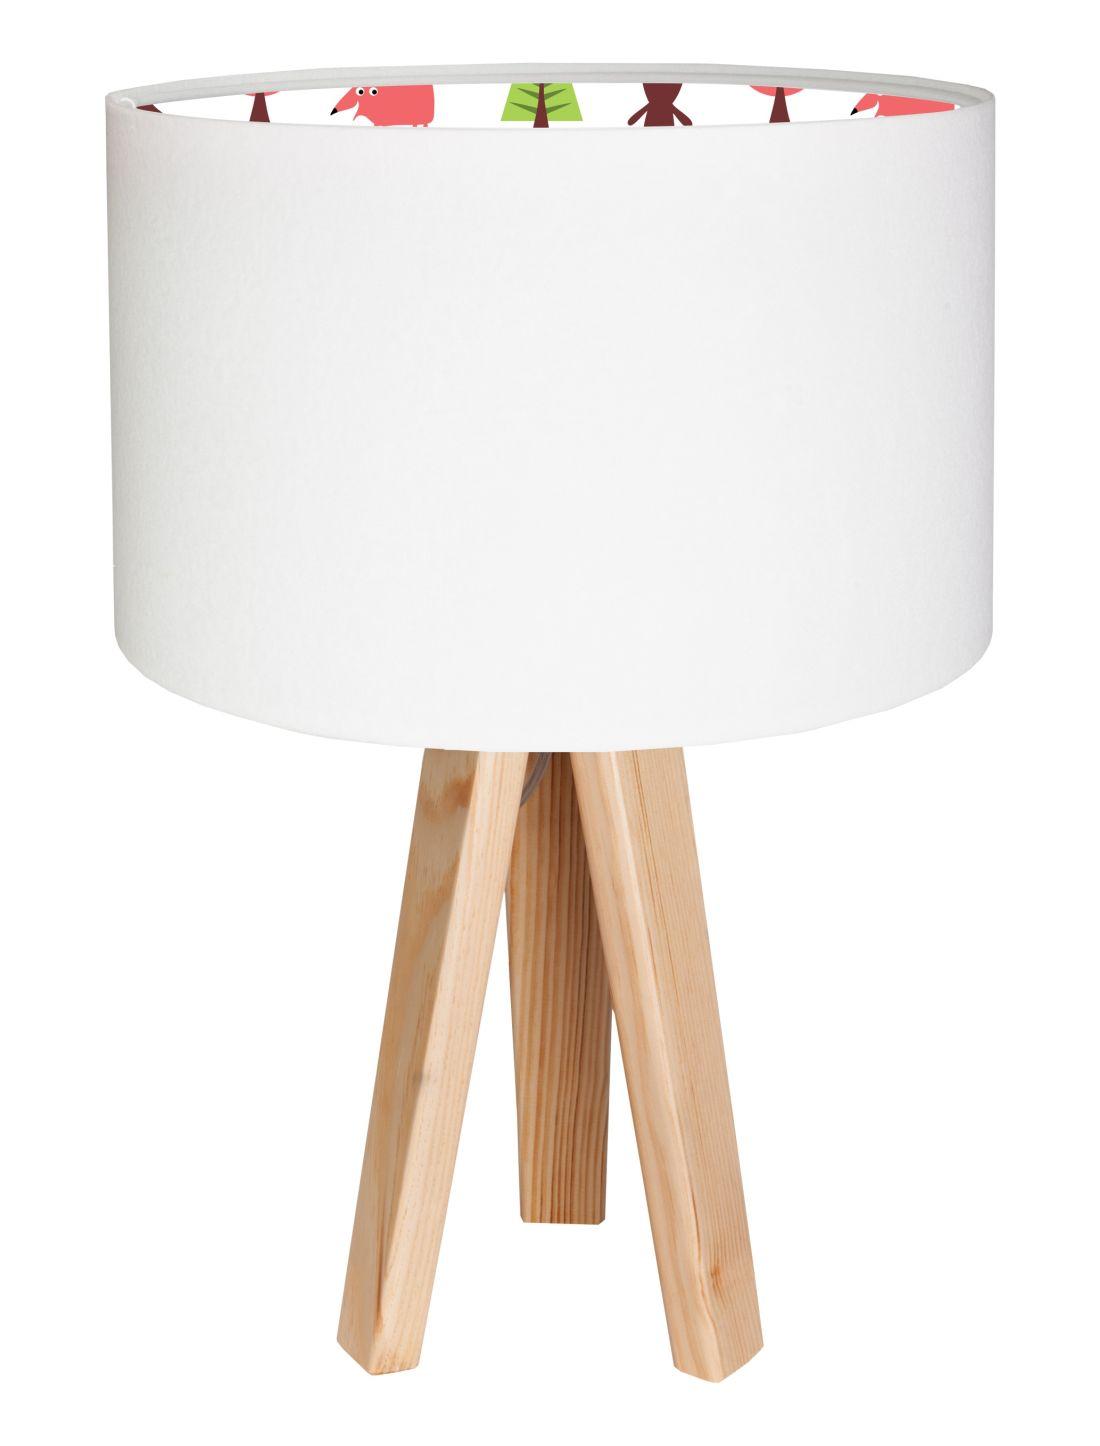 Tischlampe Weiß Bunt Holz Dreibein 46cm Kinder